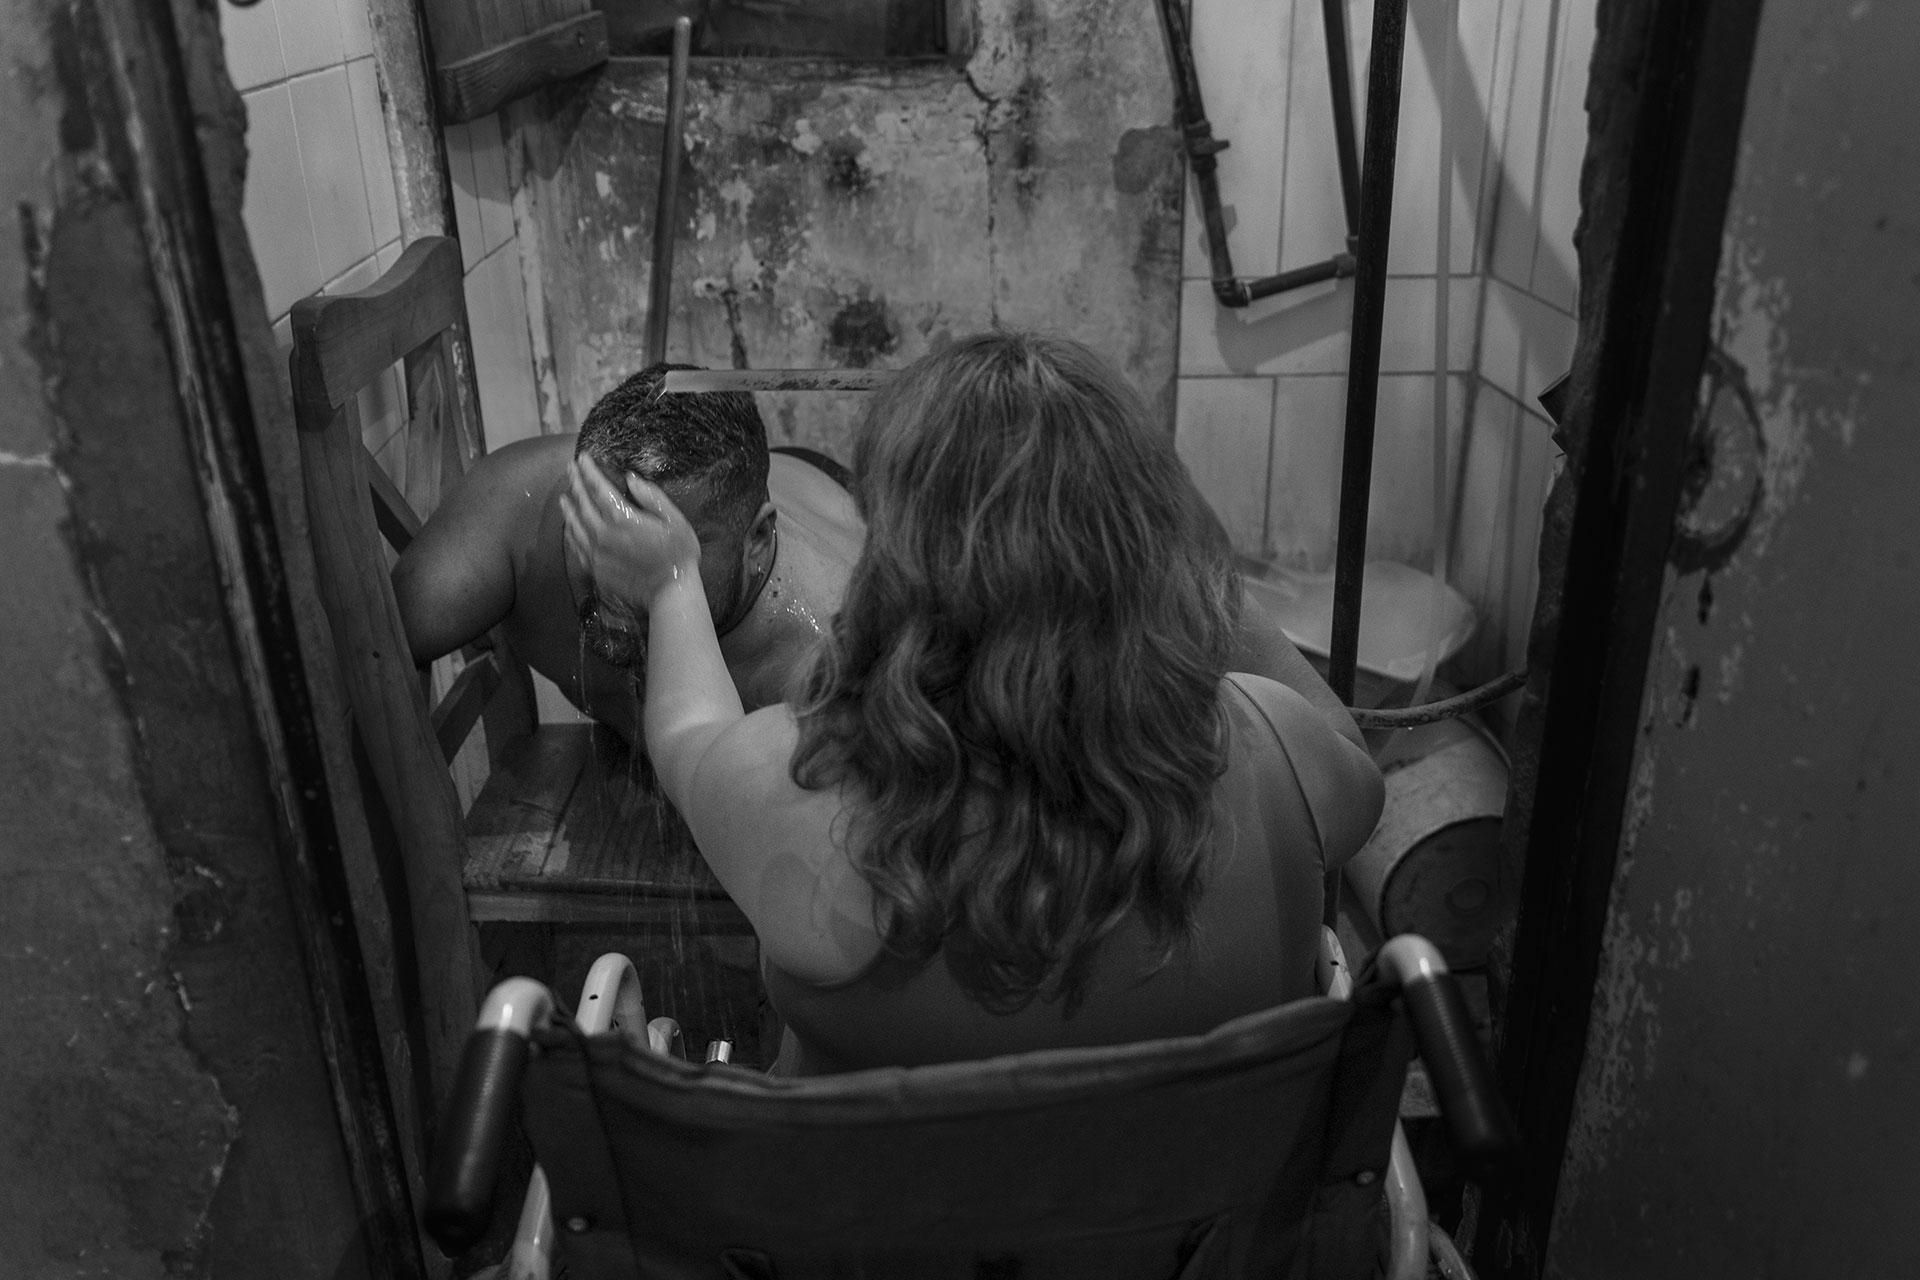 Vero asiste a Jorge en su higiene. Nunca tuvieron asistencia domiciliaria para estos requerimientos, a pesar de haber realizado los trámites en servicios sociales, reciben una pensión mínima que no cubre sus necesidades básicas. Jorge nunca fue reconocido como afectado por Talidomida por parte del Estado Argentino.